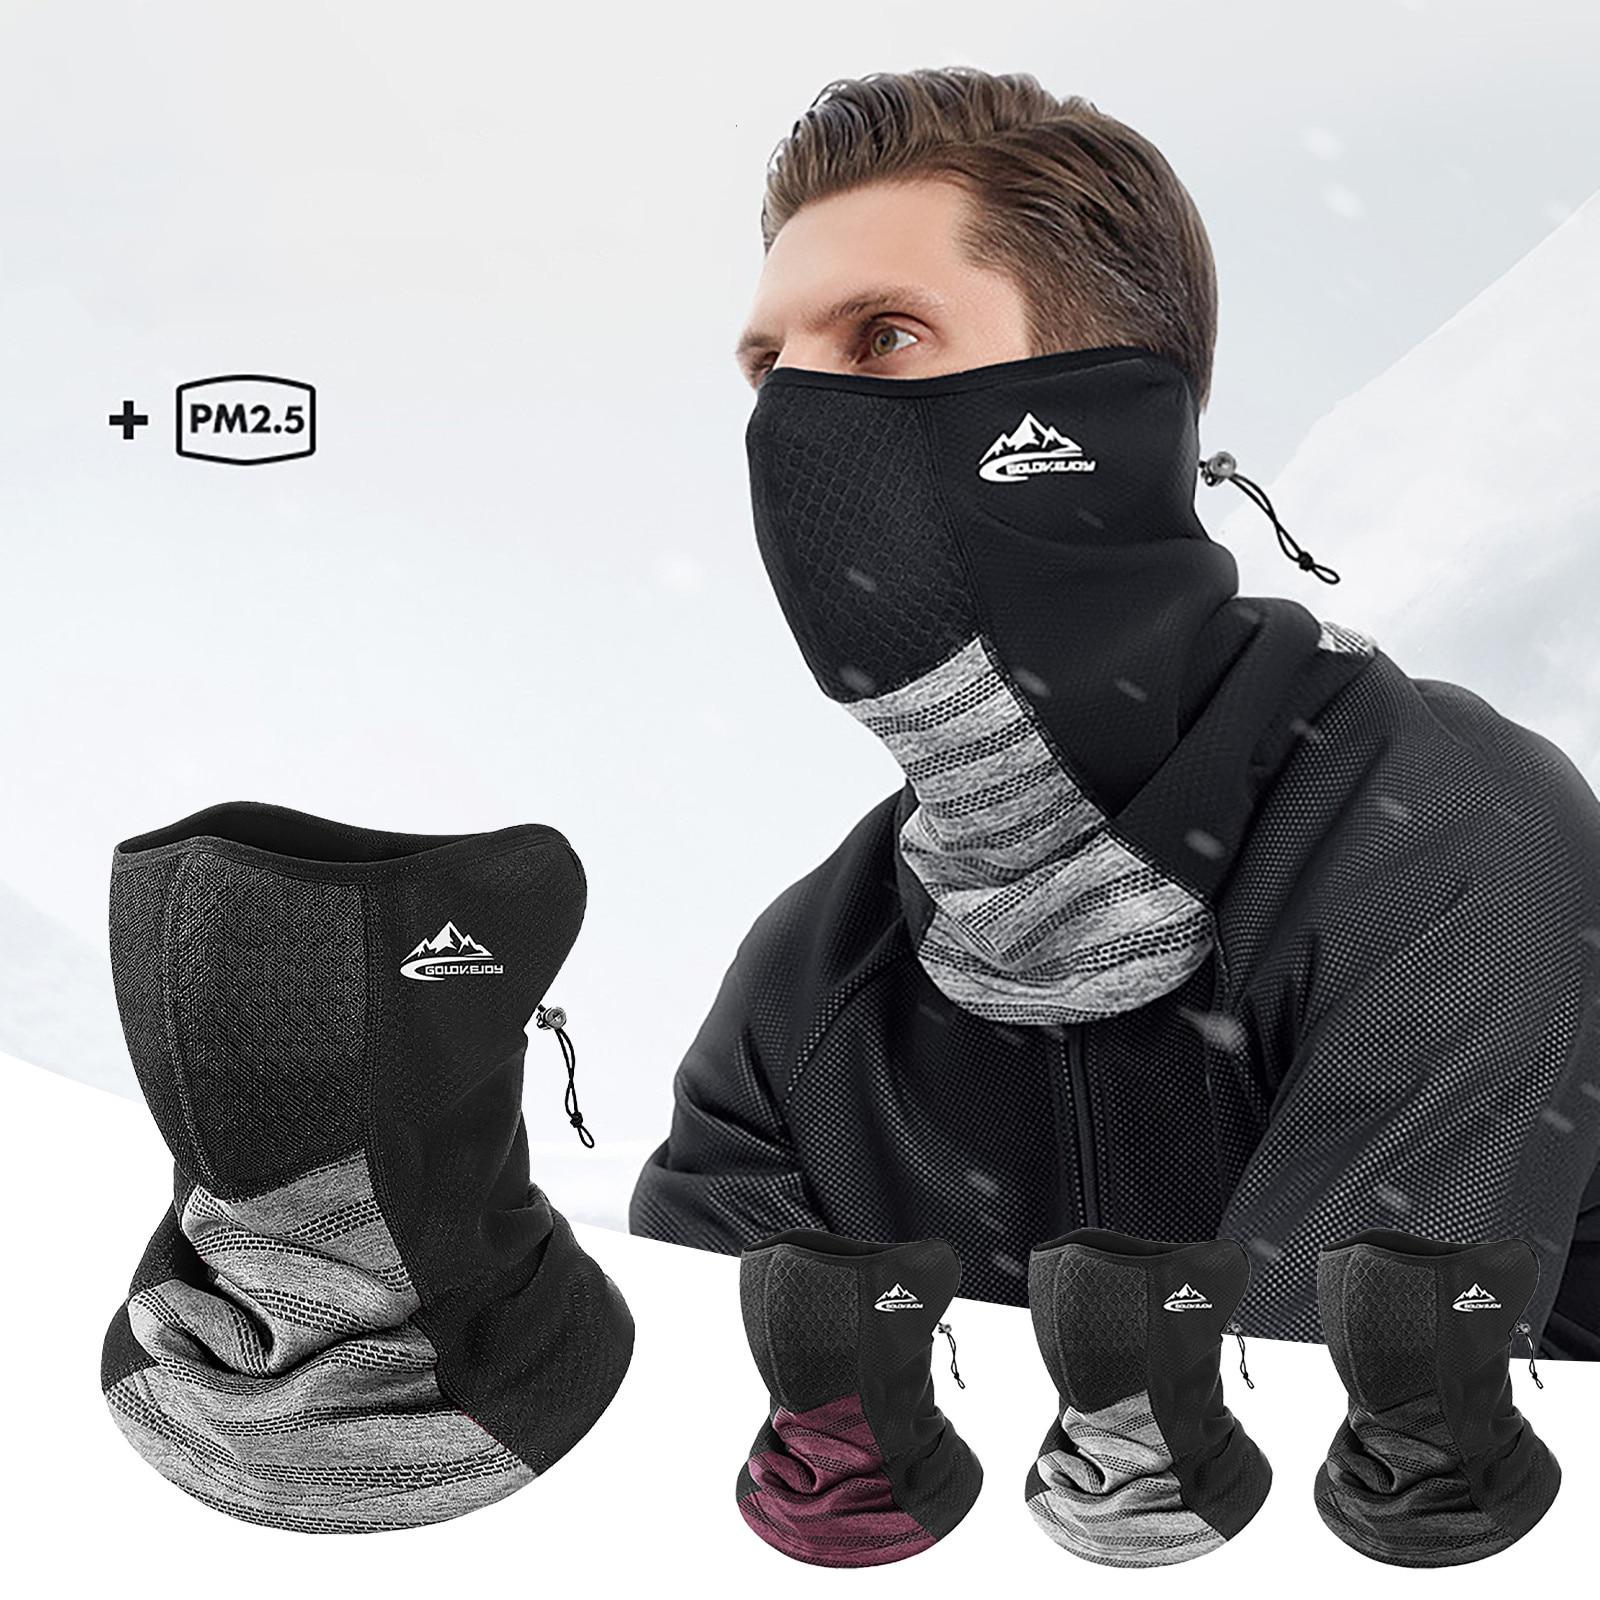 Adulto ciclismo rosto cobrindo máscara de esqui inverno para o tempo frio à prova de vento máscara facial respirável com filtro ao ar livre mascarillas masque|Máscara facial p/ ciclismo|   -